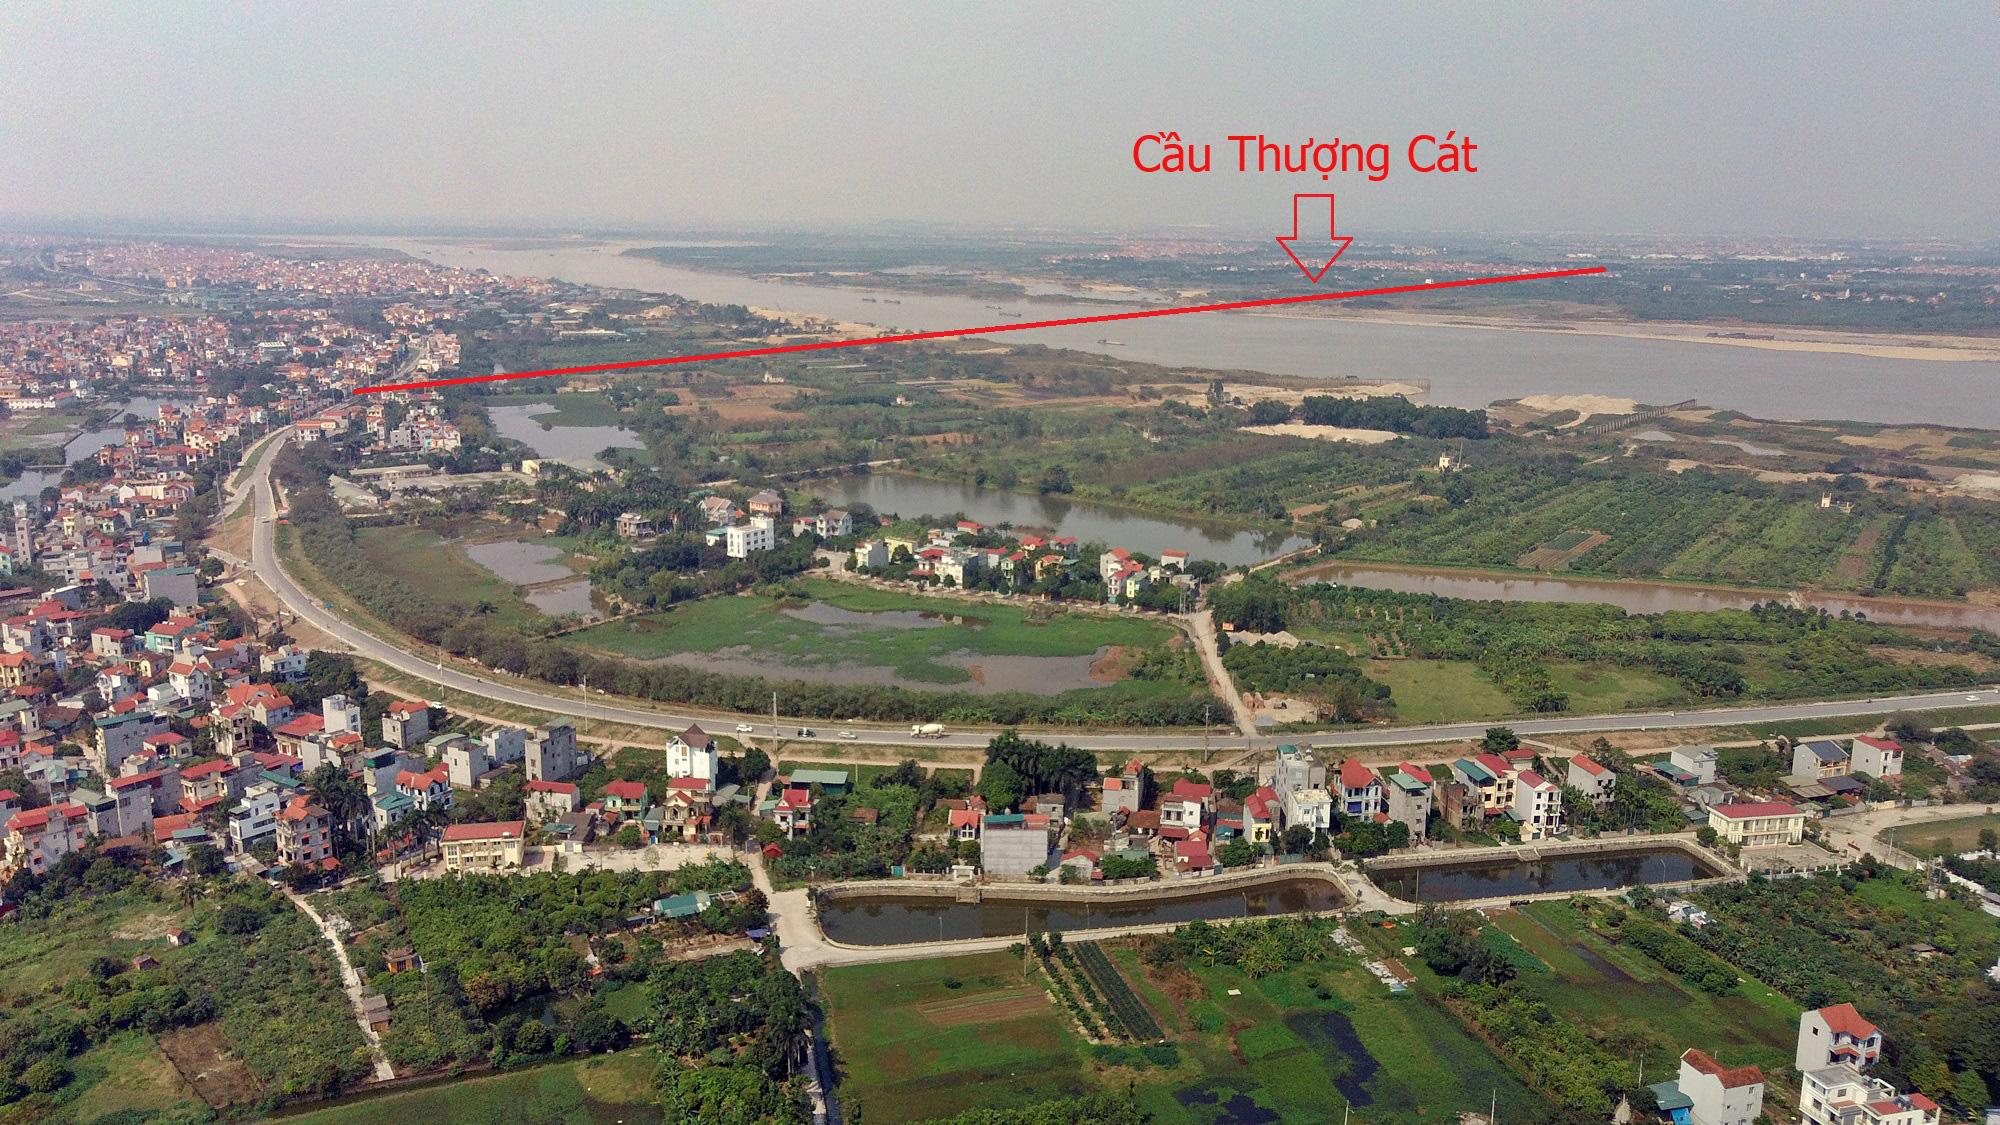 Cầu sẽ mở theo qui hoạch ở Hà Nội: Toàn cảnh cầu Thượng Cát nối Bắc Từ Liêm với Đông Anh - Ảnh 4.